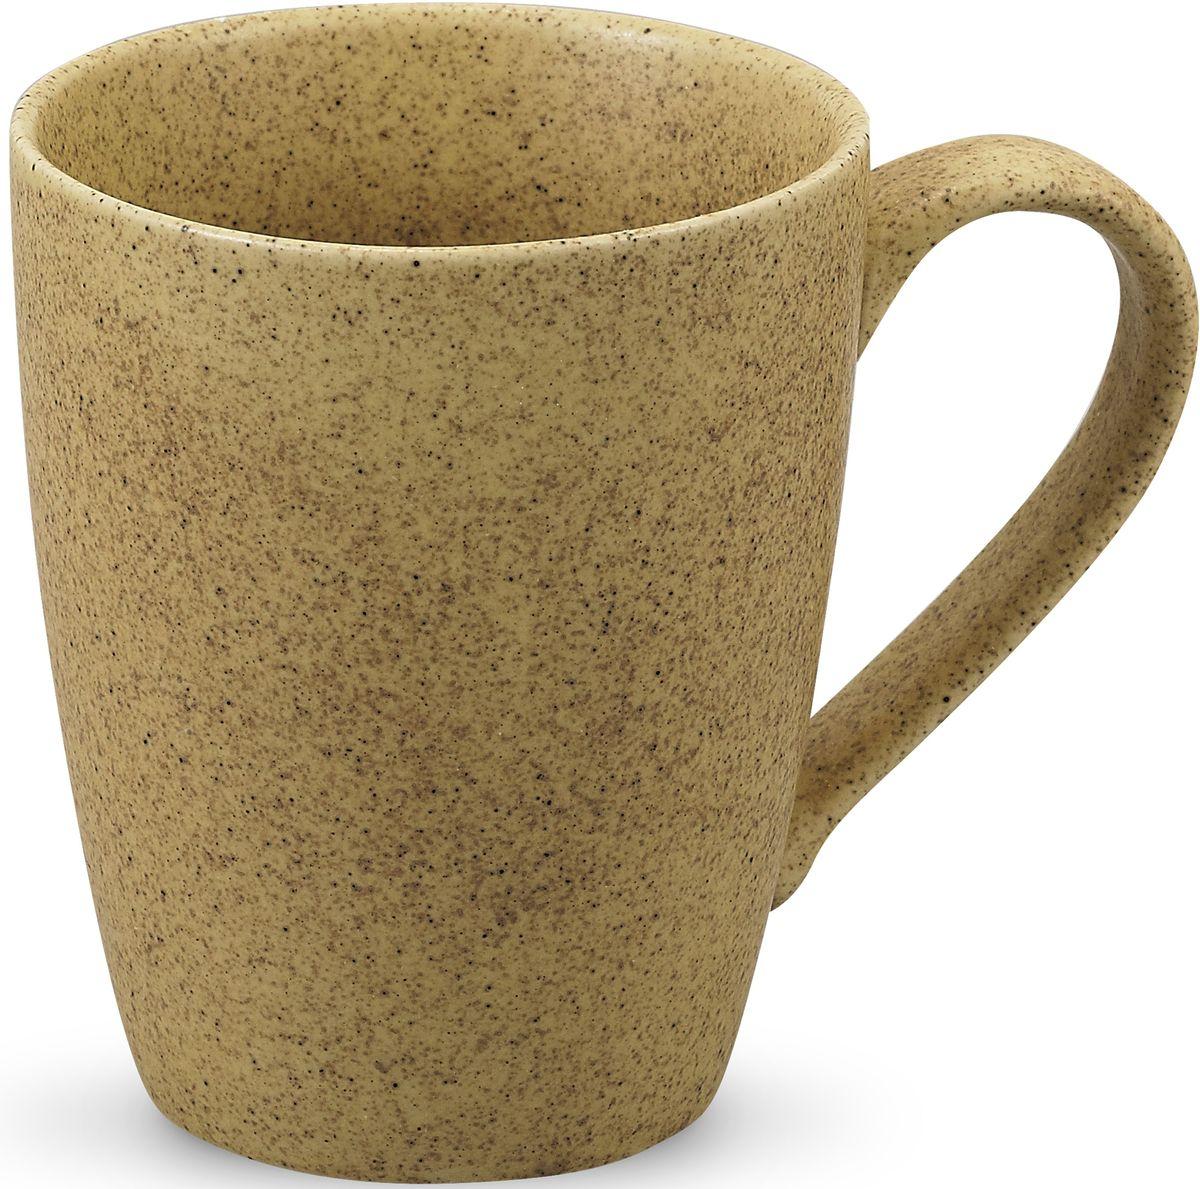 Кружка Fissman, цвет: песочный, 300 мл. 9301SC-9301.300